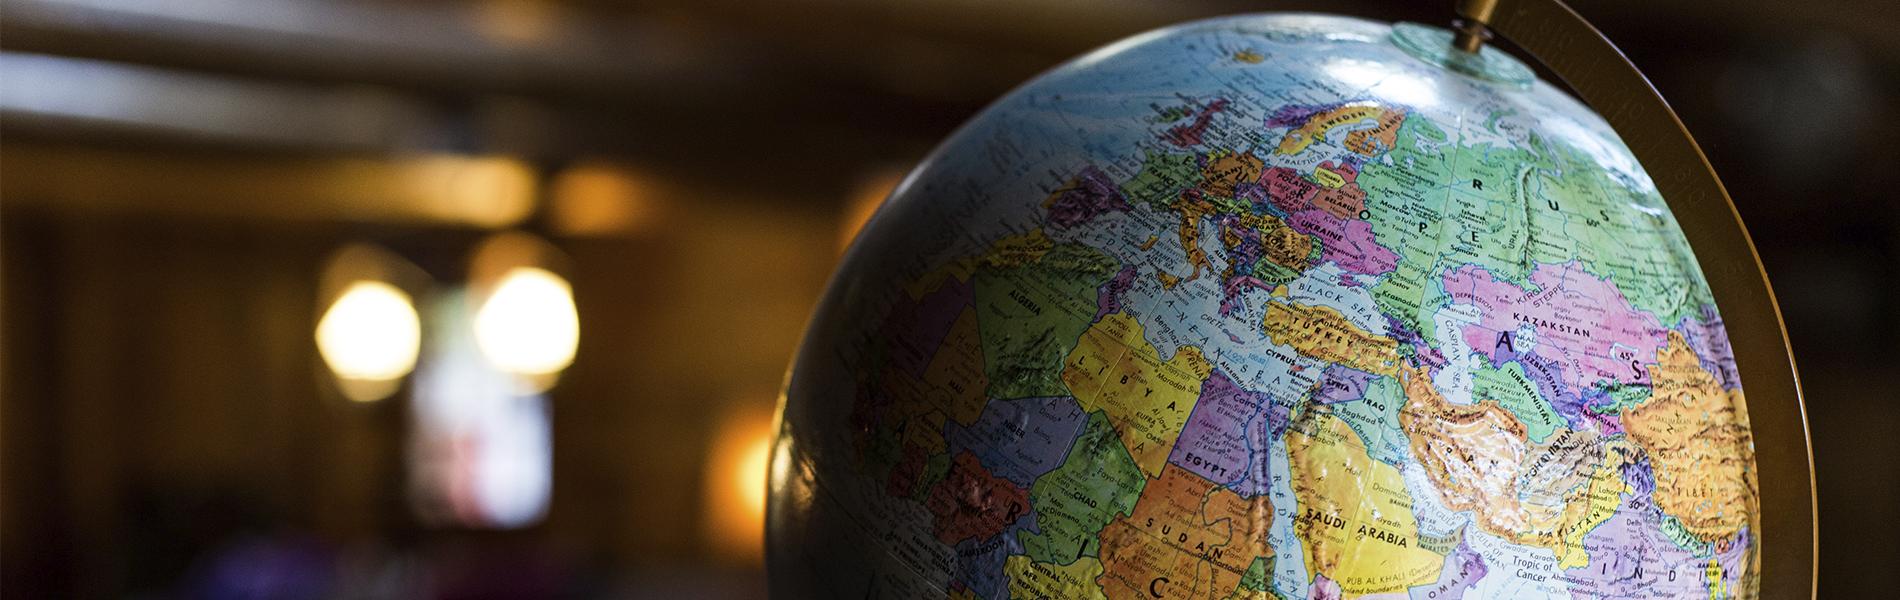 Foto em close up de um globo terrestre